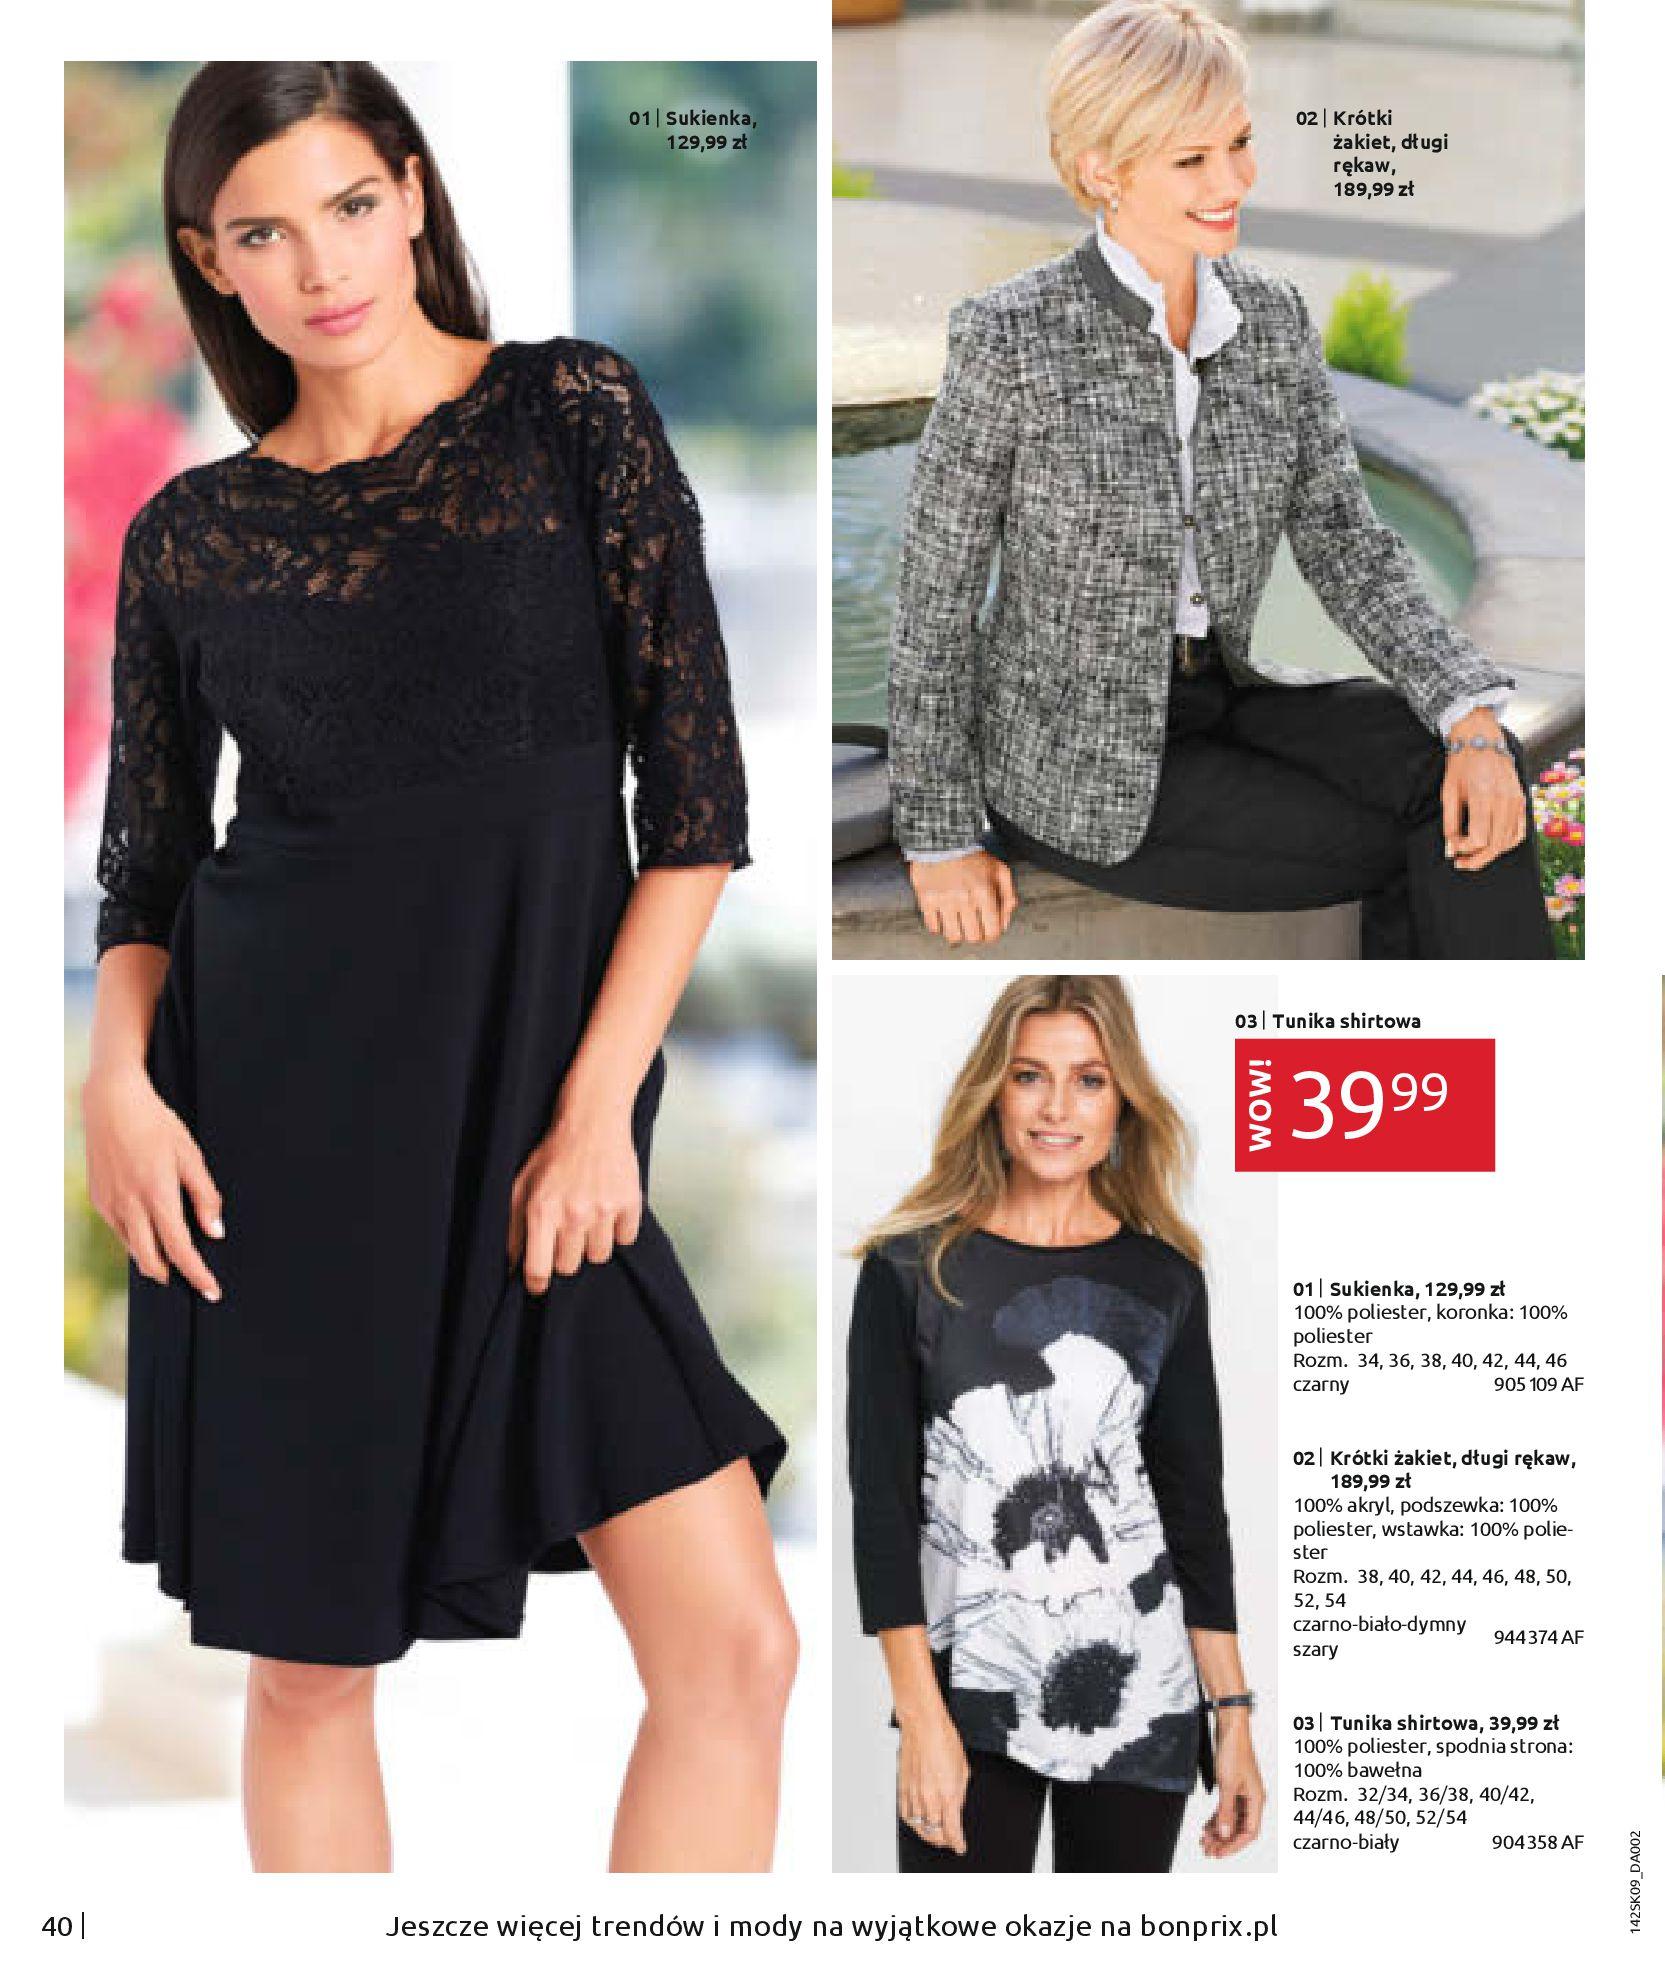 Gazetka Bonprix - Jesienny look-31.08.2020-28.02.2021-page-42